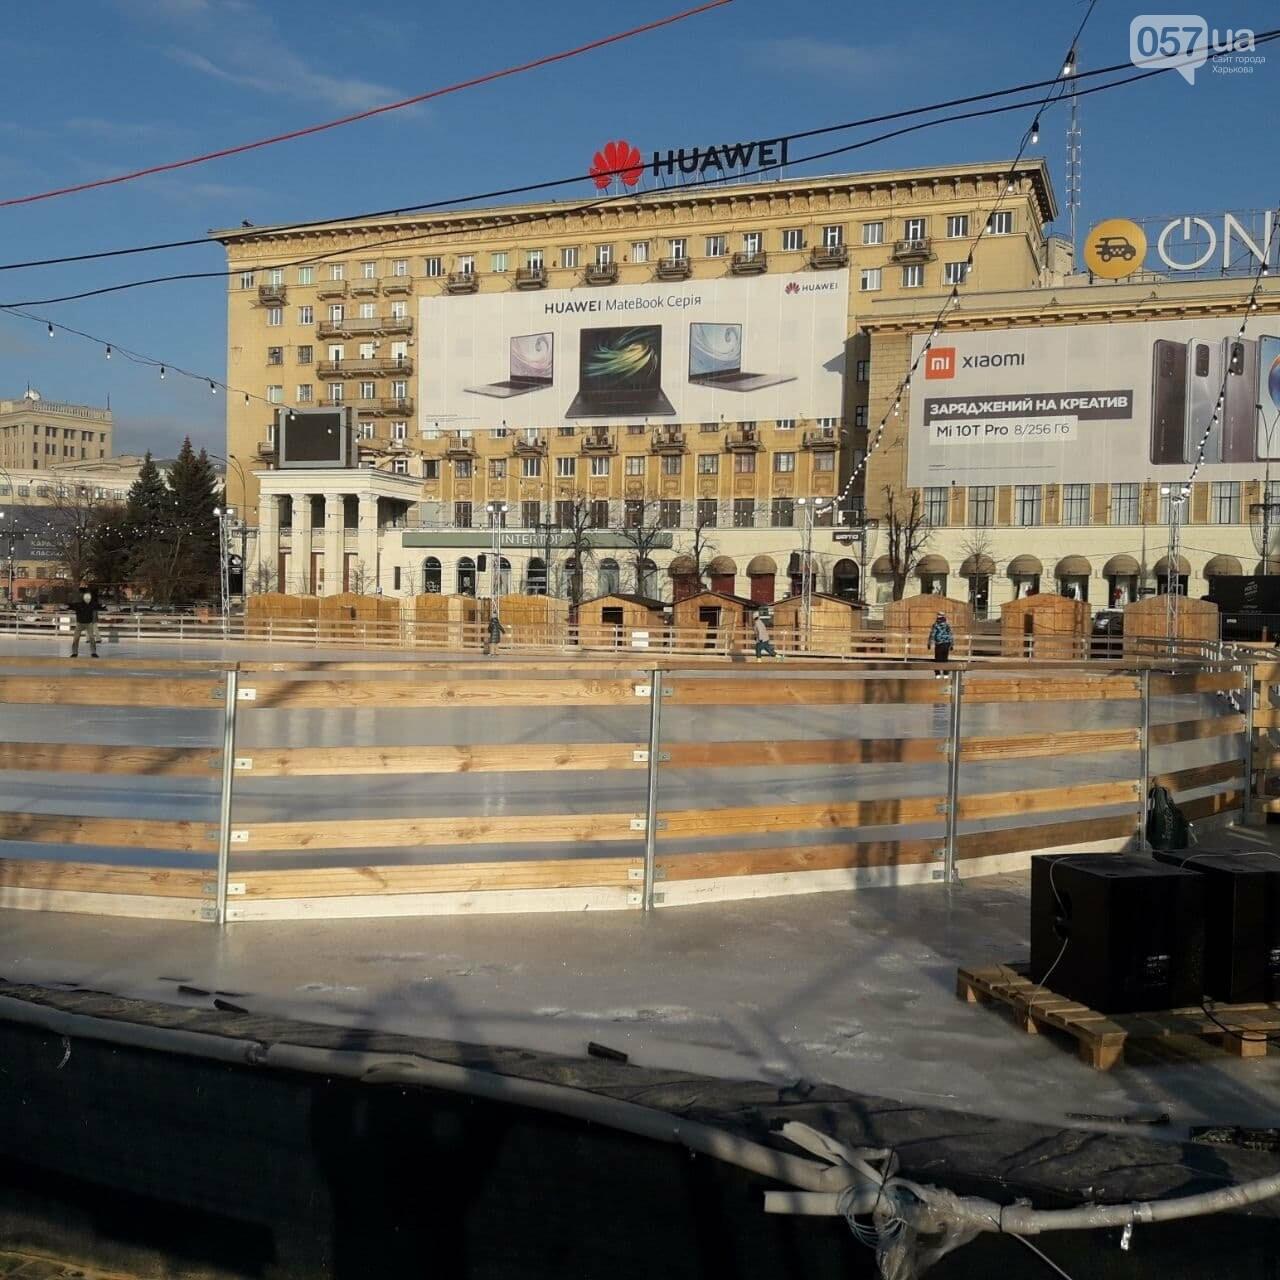 В Харькове на центральной площади открылся каток: цены, услуги и время работы, - ФОТО, фото-9